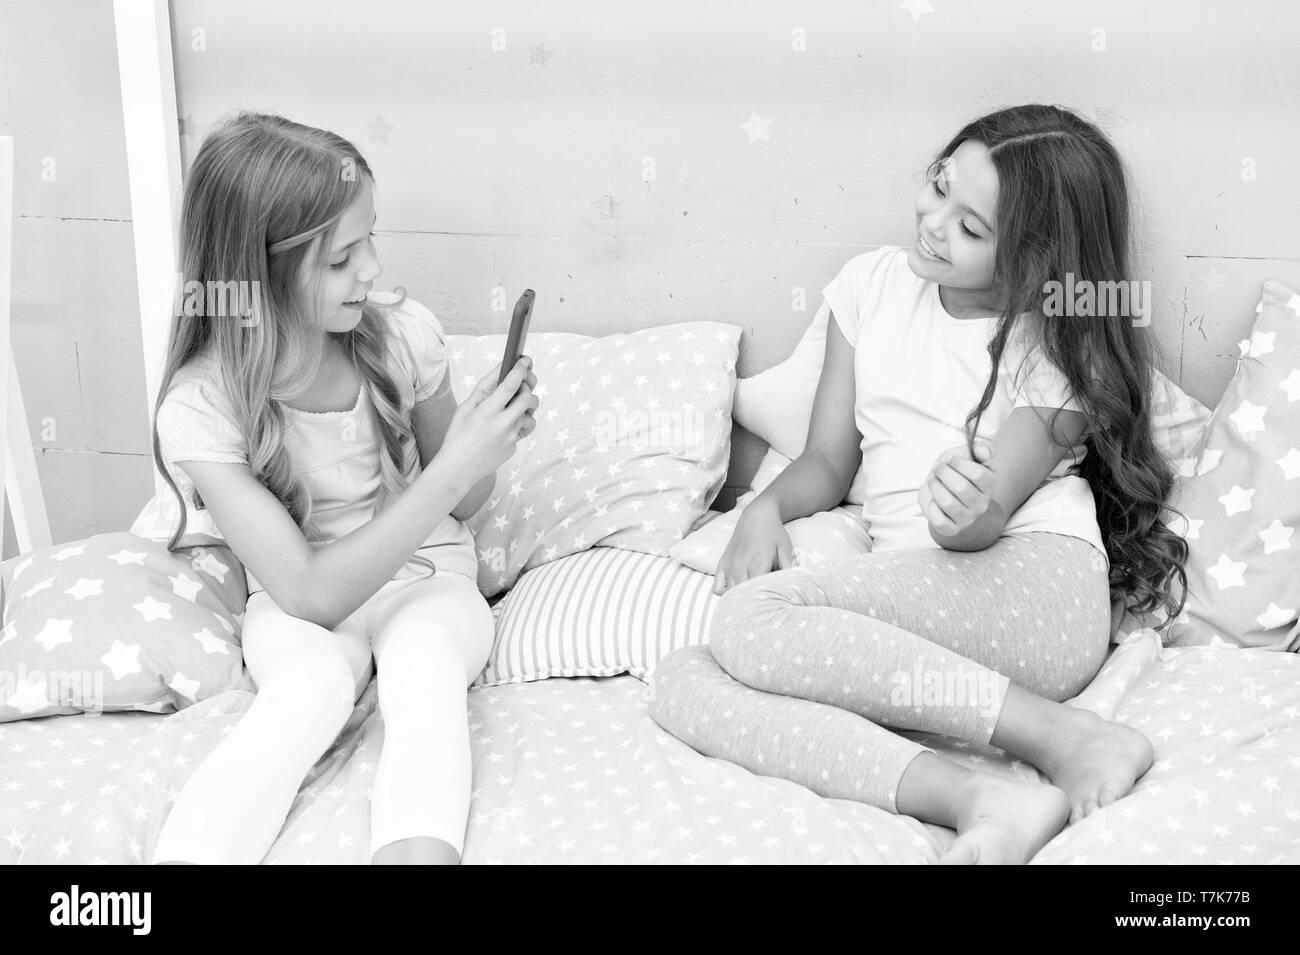 Streaming Online vlog channel. Sorelle in pigiama camera da letto potrete rilassarvi e prendere foto divertenti per il social network account. Svago e divertimento. Reti sociali di concetto. Ragazze amici prendendo la foto per le reti sociali. Immagini Stock